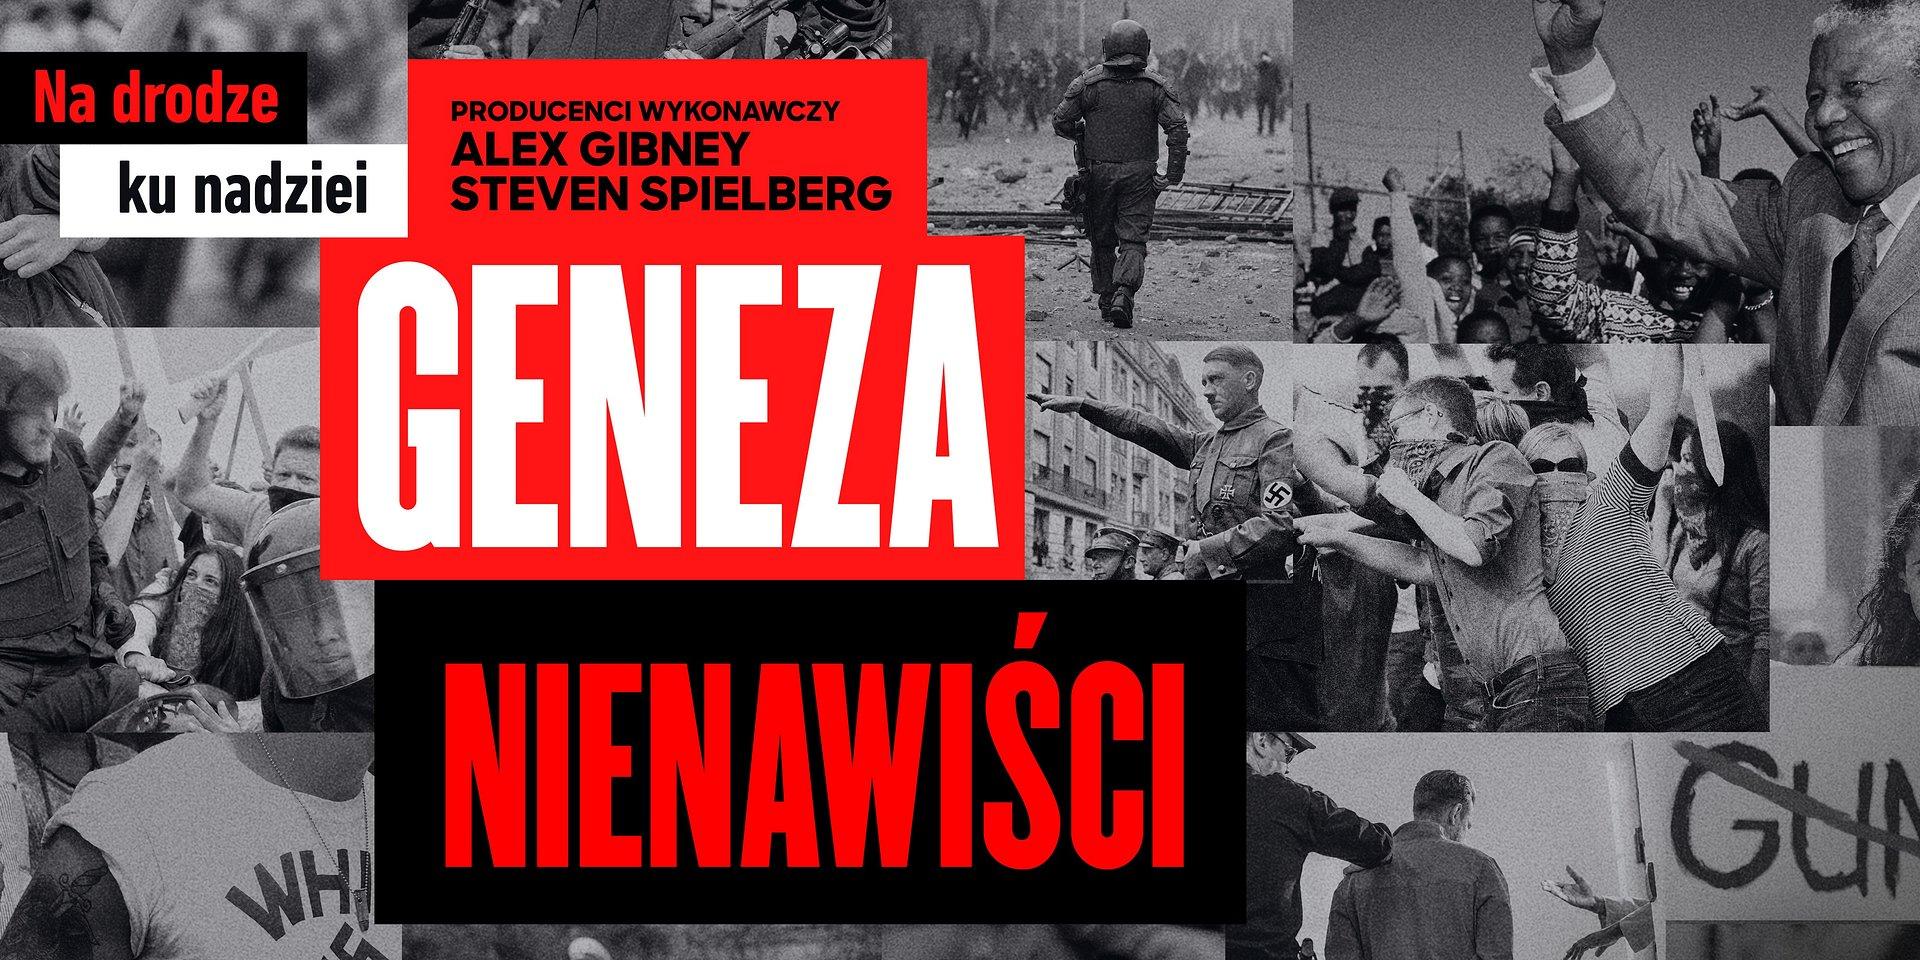 """Nowy serial dokumentalny laureatów Oscara® Alexa Gibneya i Stevena Spielberga """"Geneza nienawiści"""" już 21 października w Discovery Channel!"""